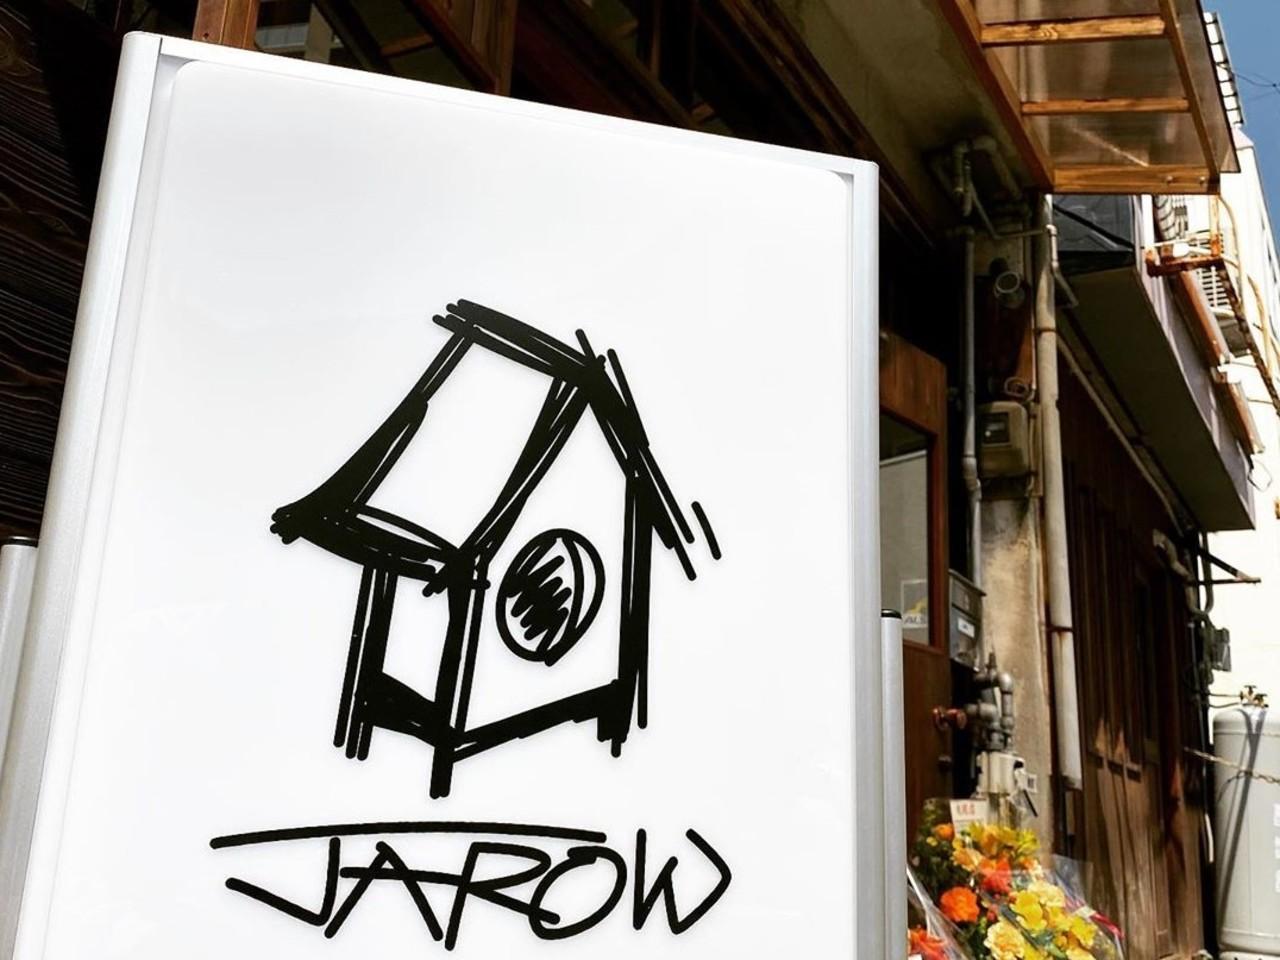 【 ジャロー 】スケードボード&アパレル(岡山市北区)4/1オープン